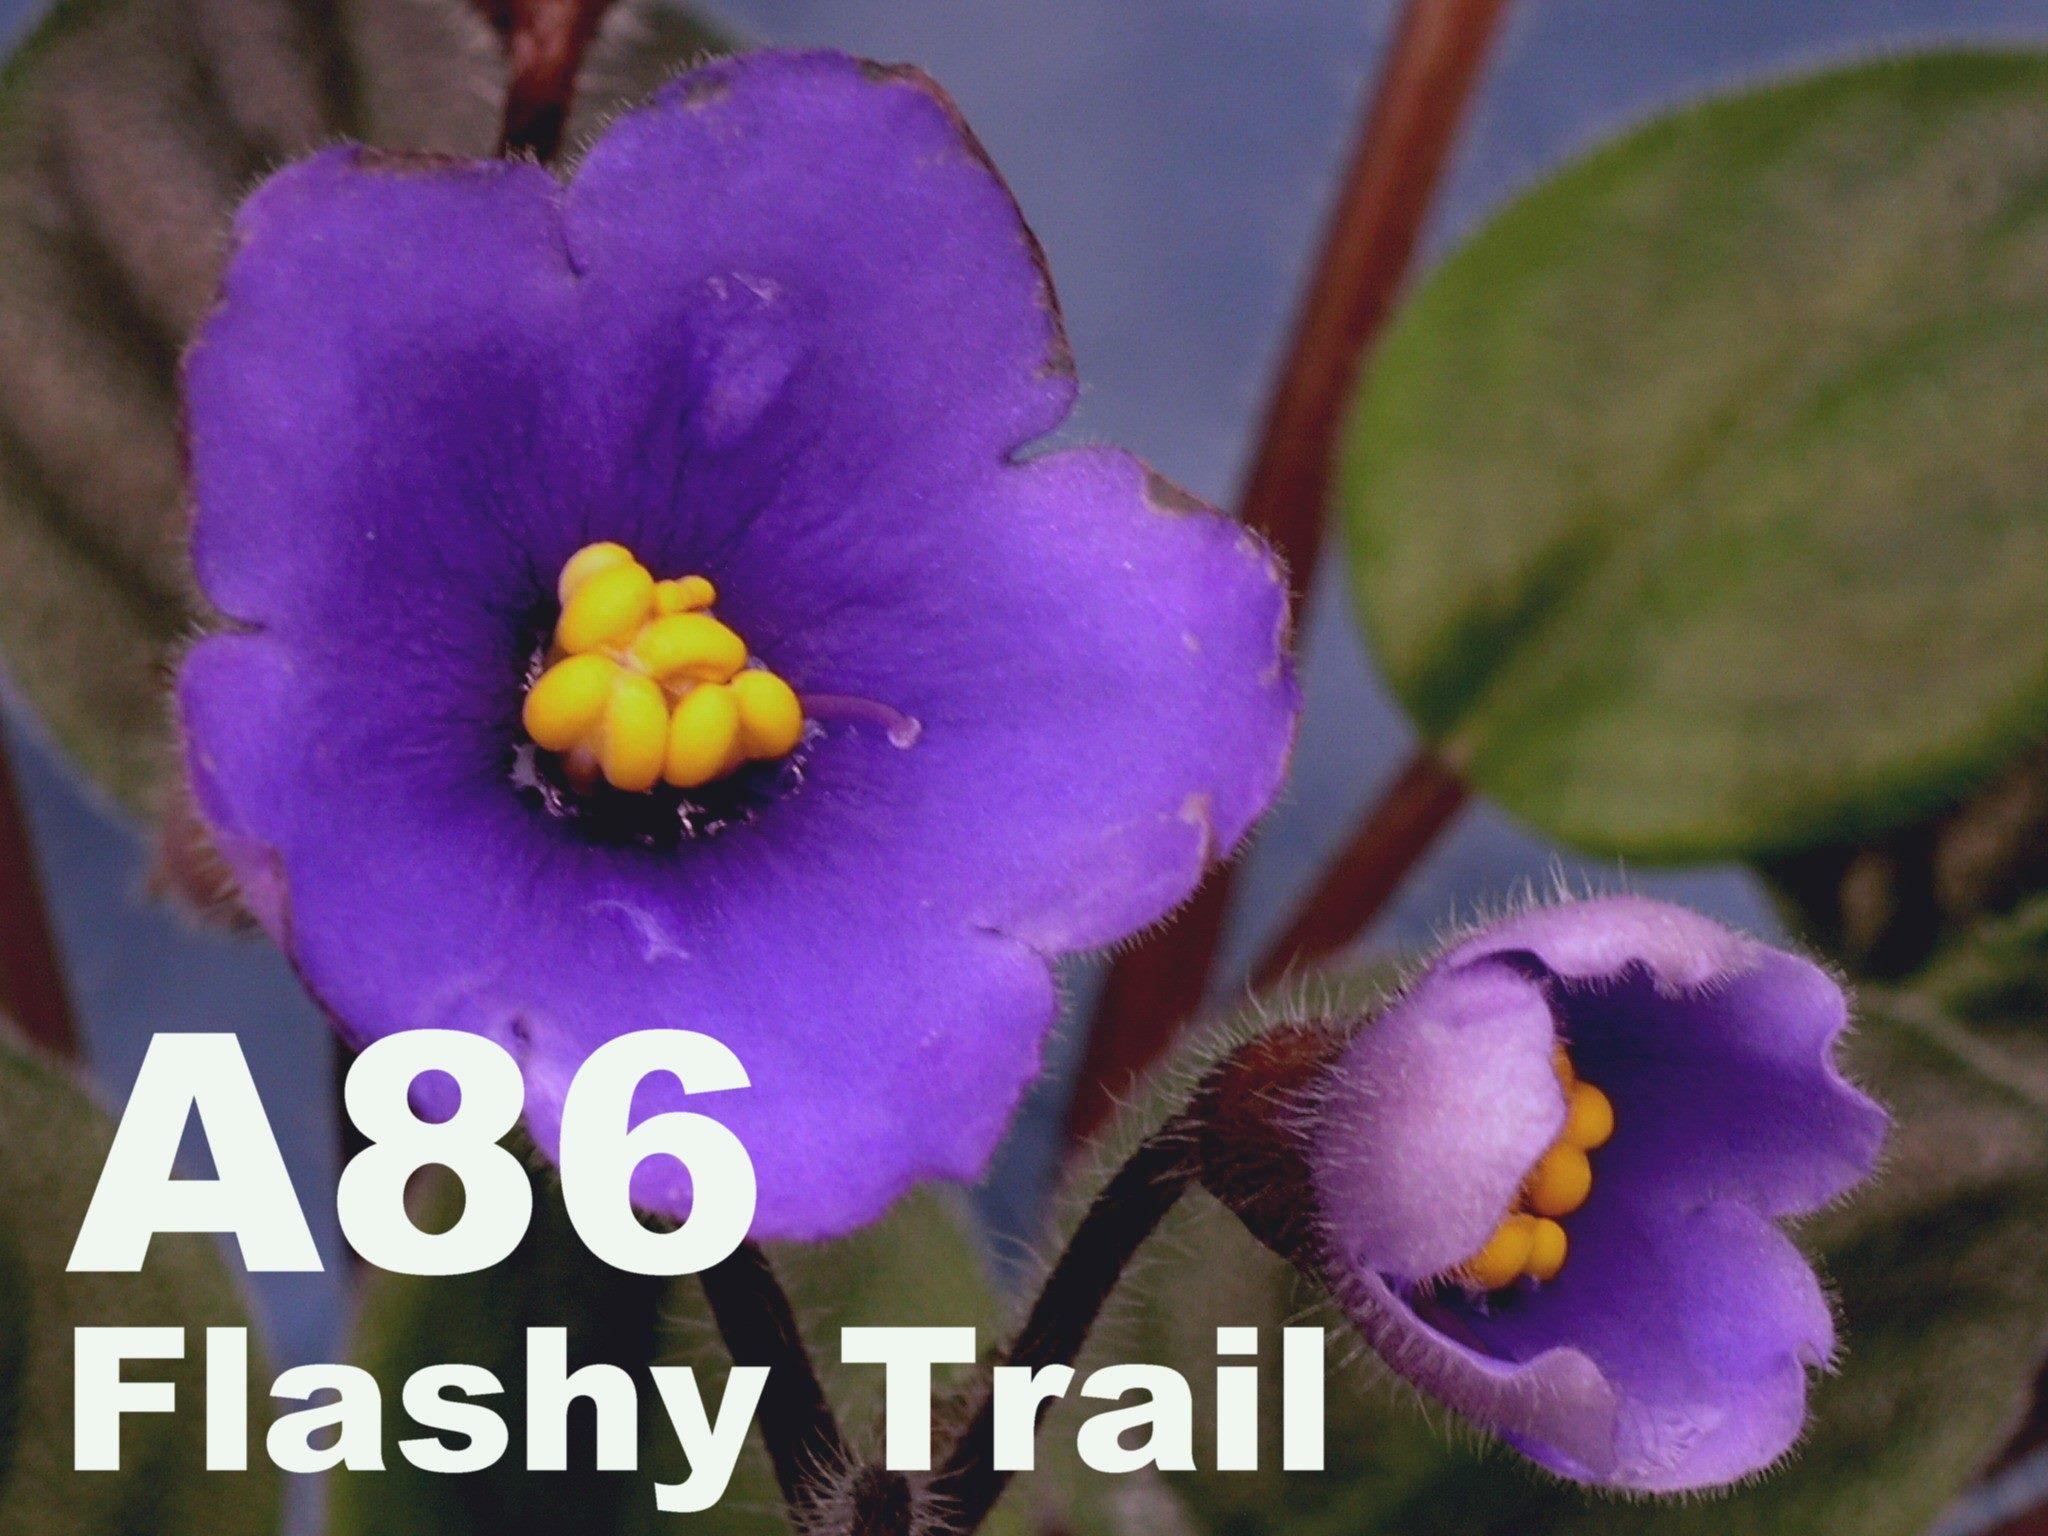 [A86] Flashy Trail A86